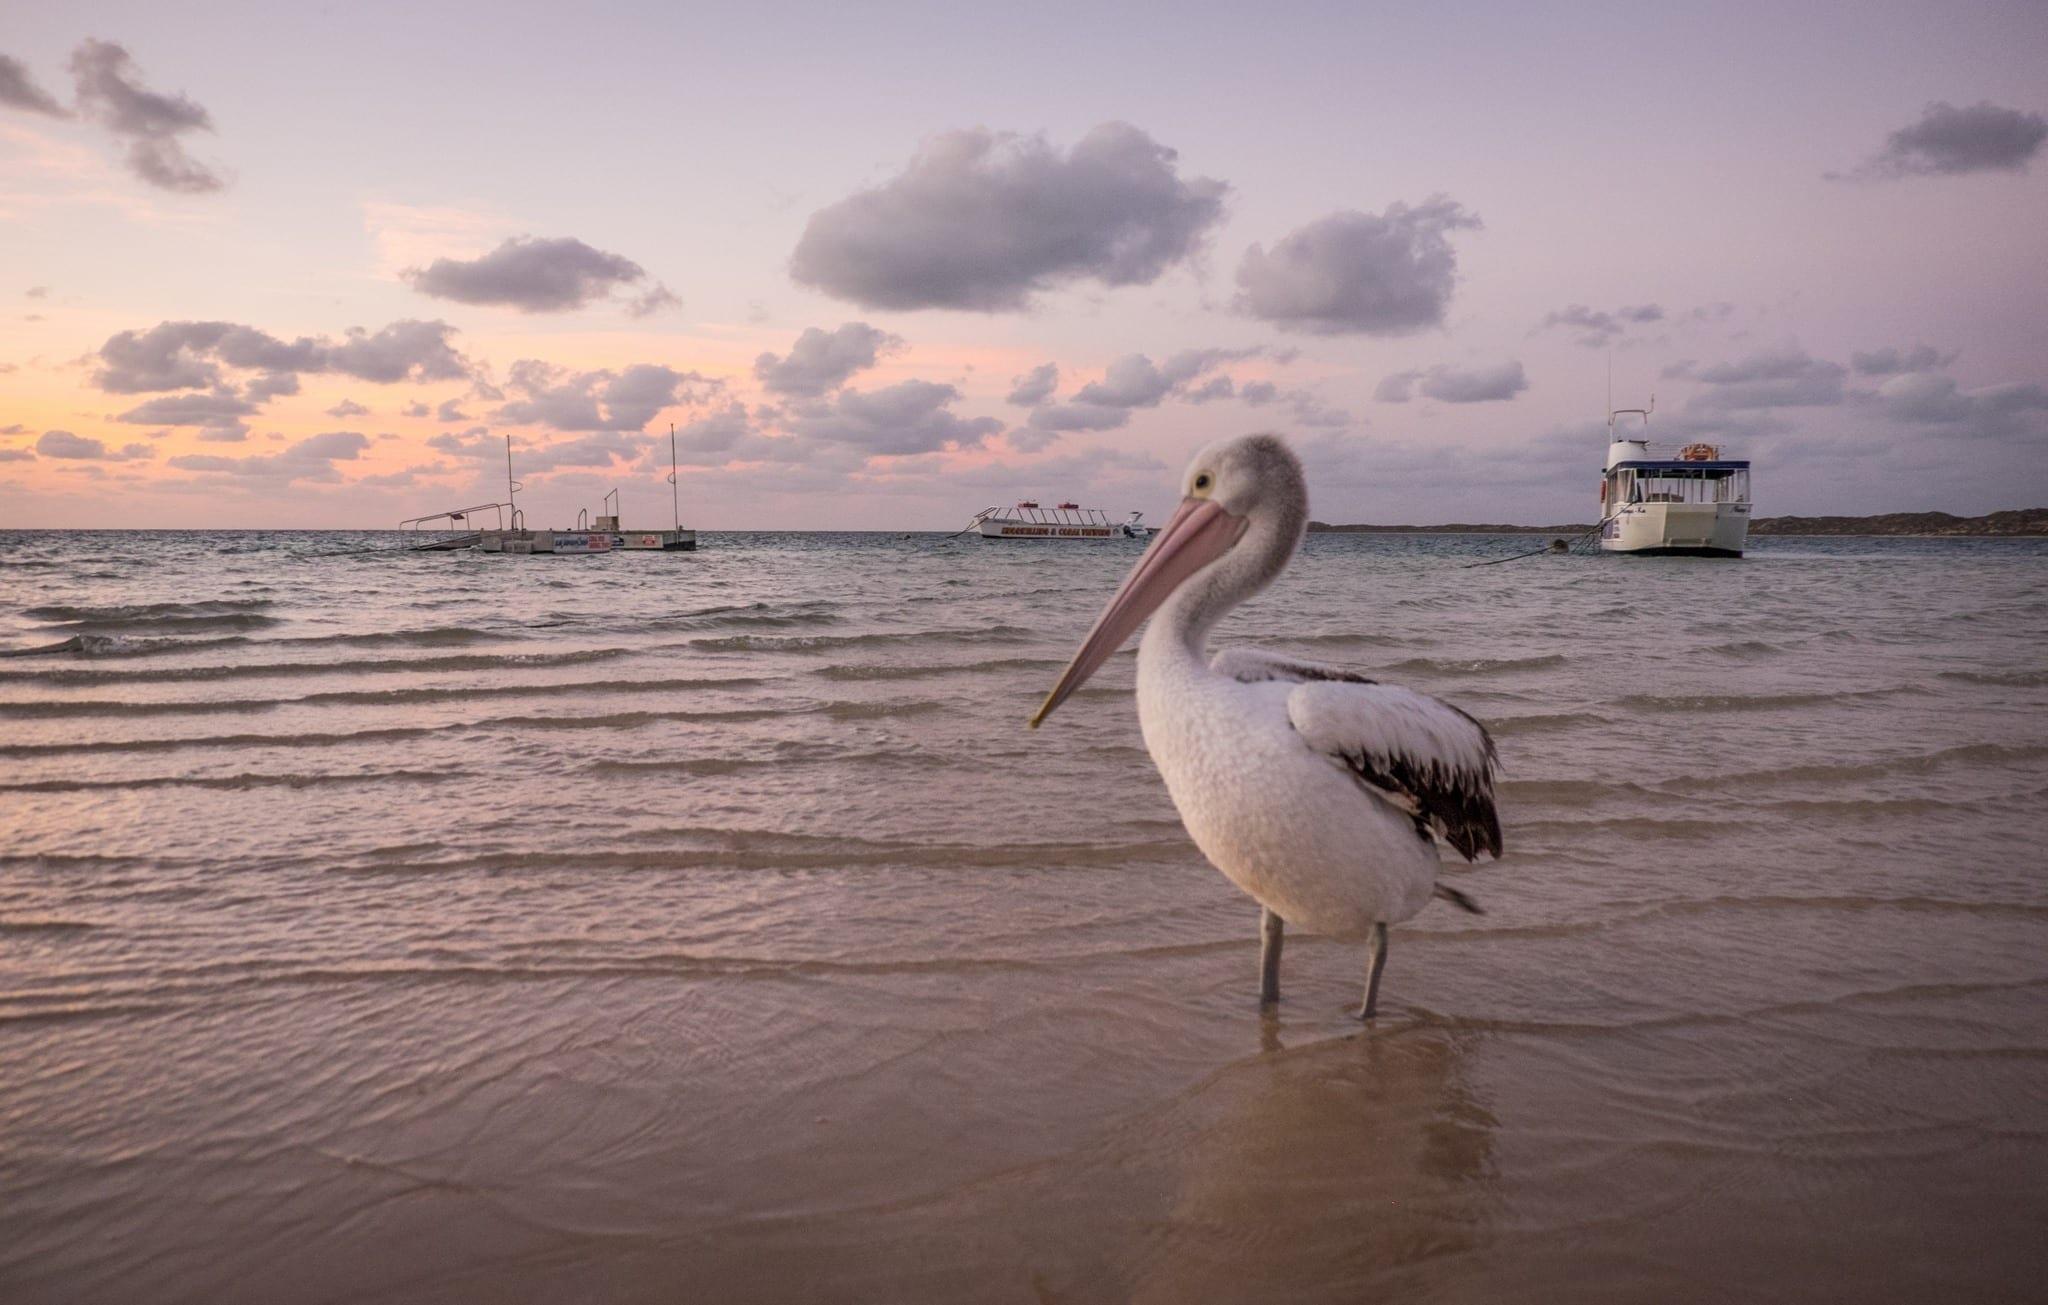 Coral Bay Pelican